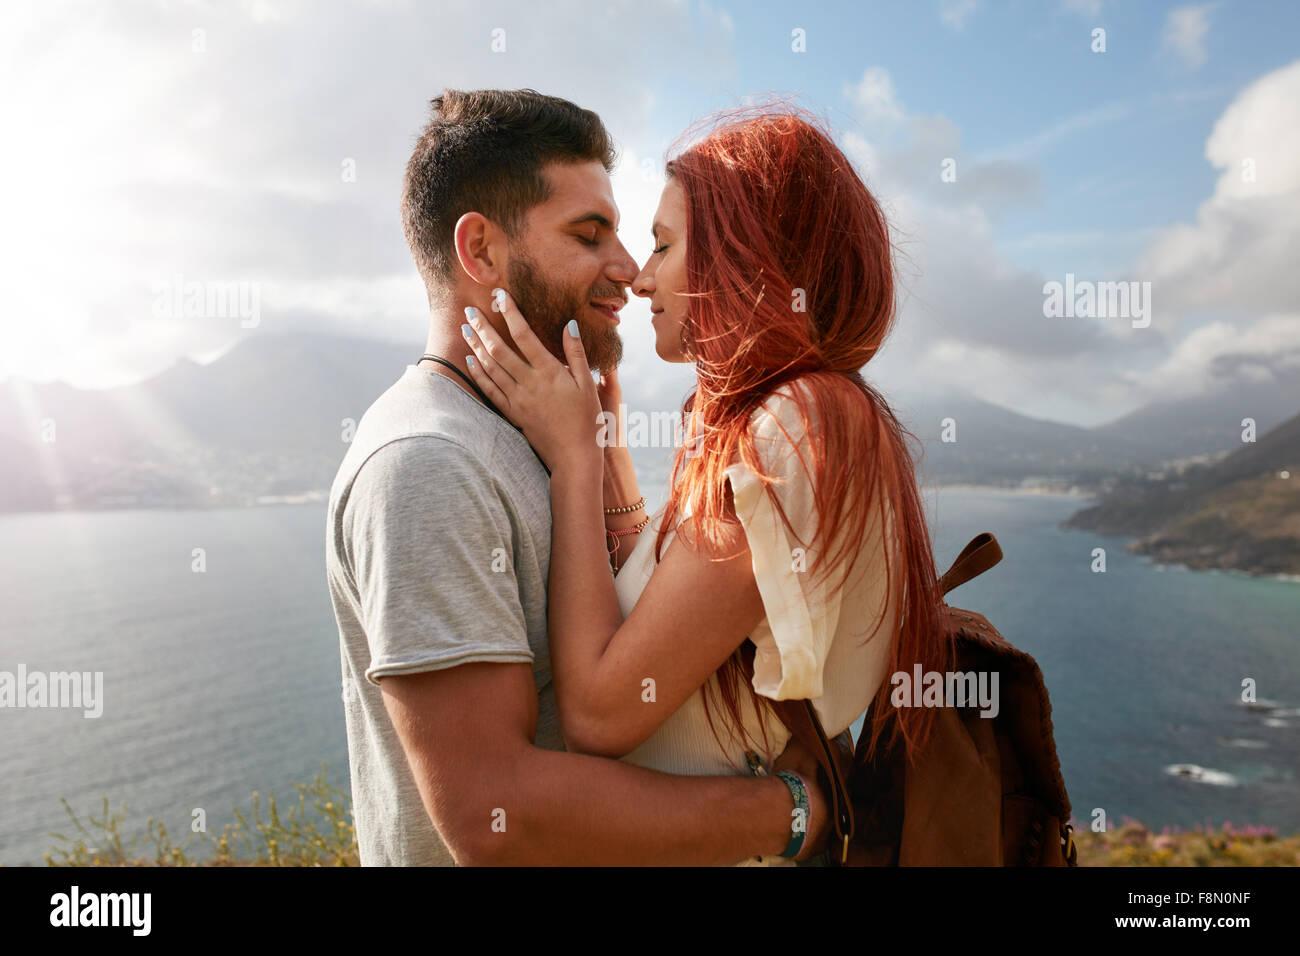 Portrait de jeune homme et femme sur le point de partager un baiser romantique. Young couple enjoying leur amour Photo Stock